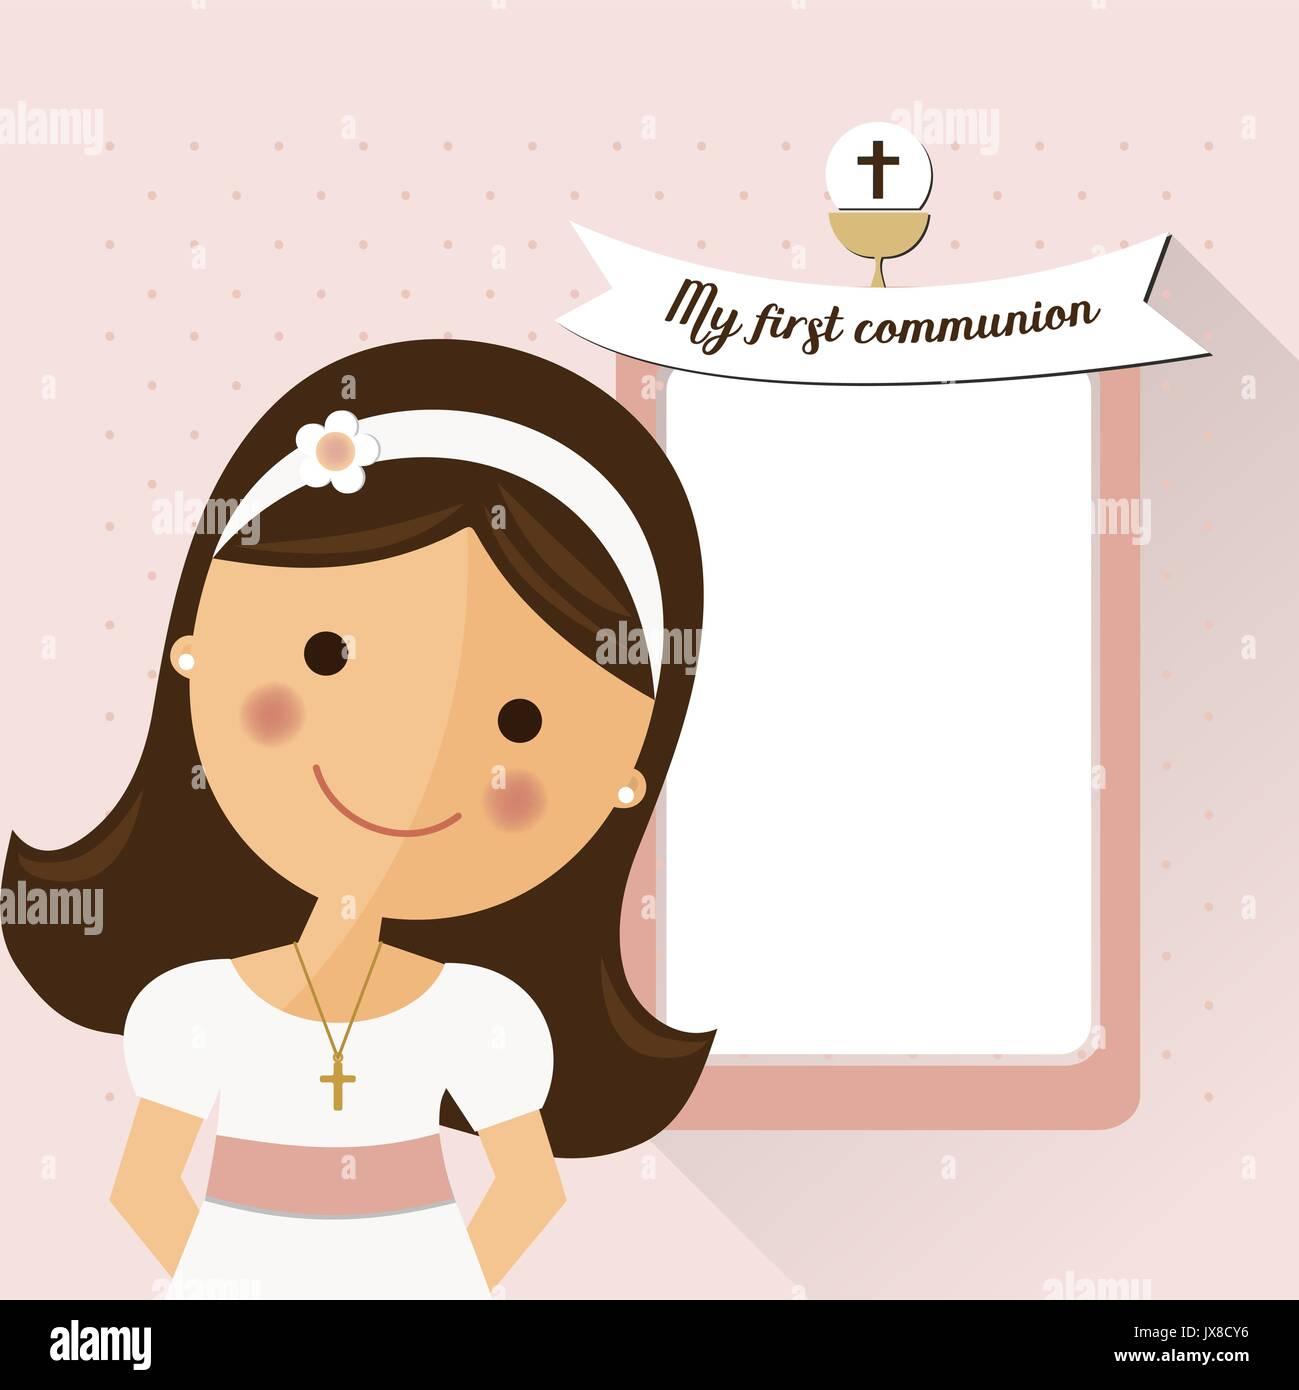 La Mia Prima Comunione Invito Con Il Messaggio E La Ragazza In Primo